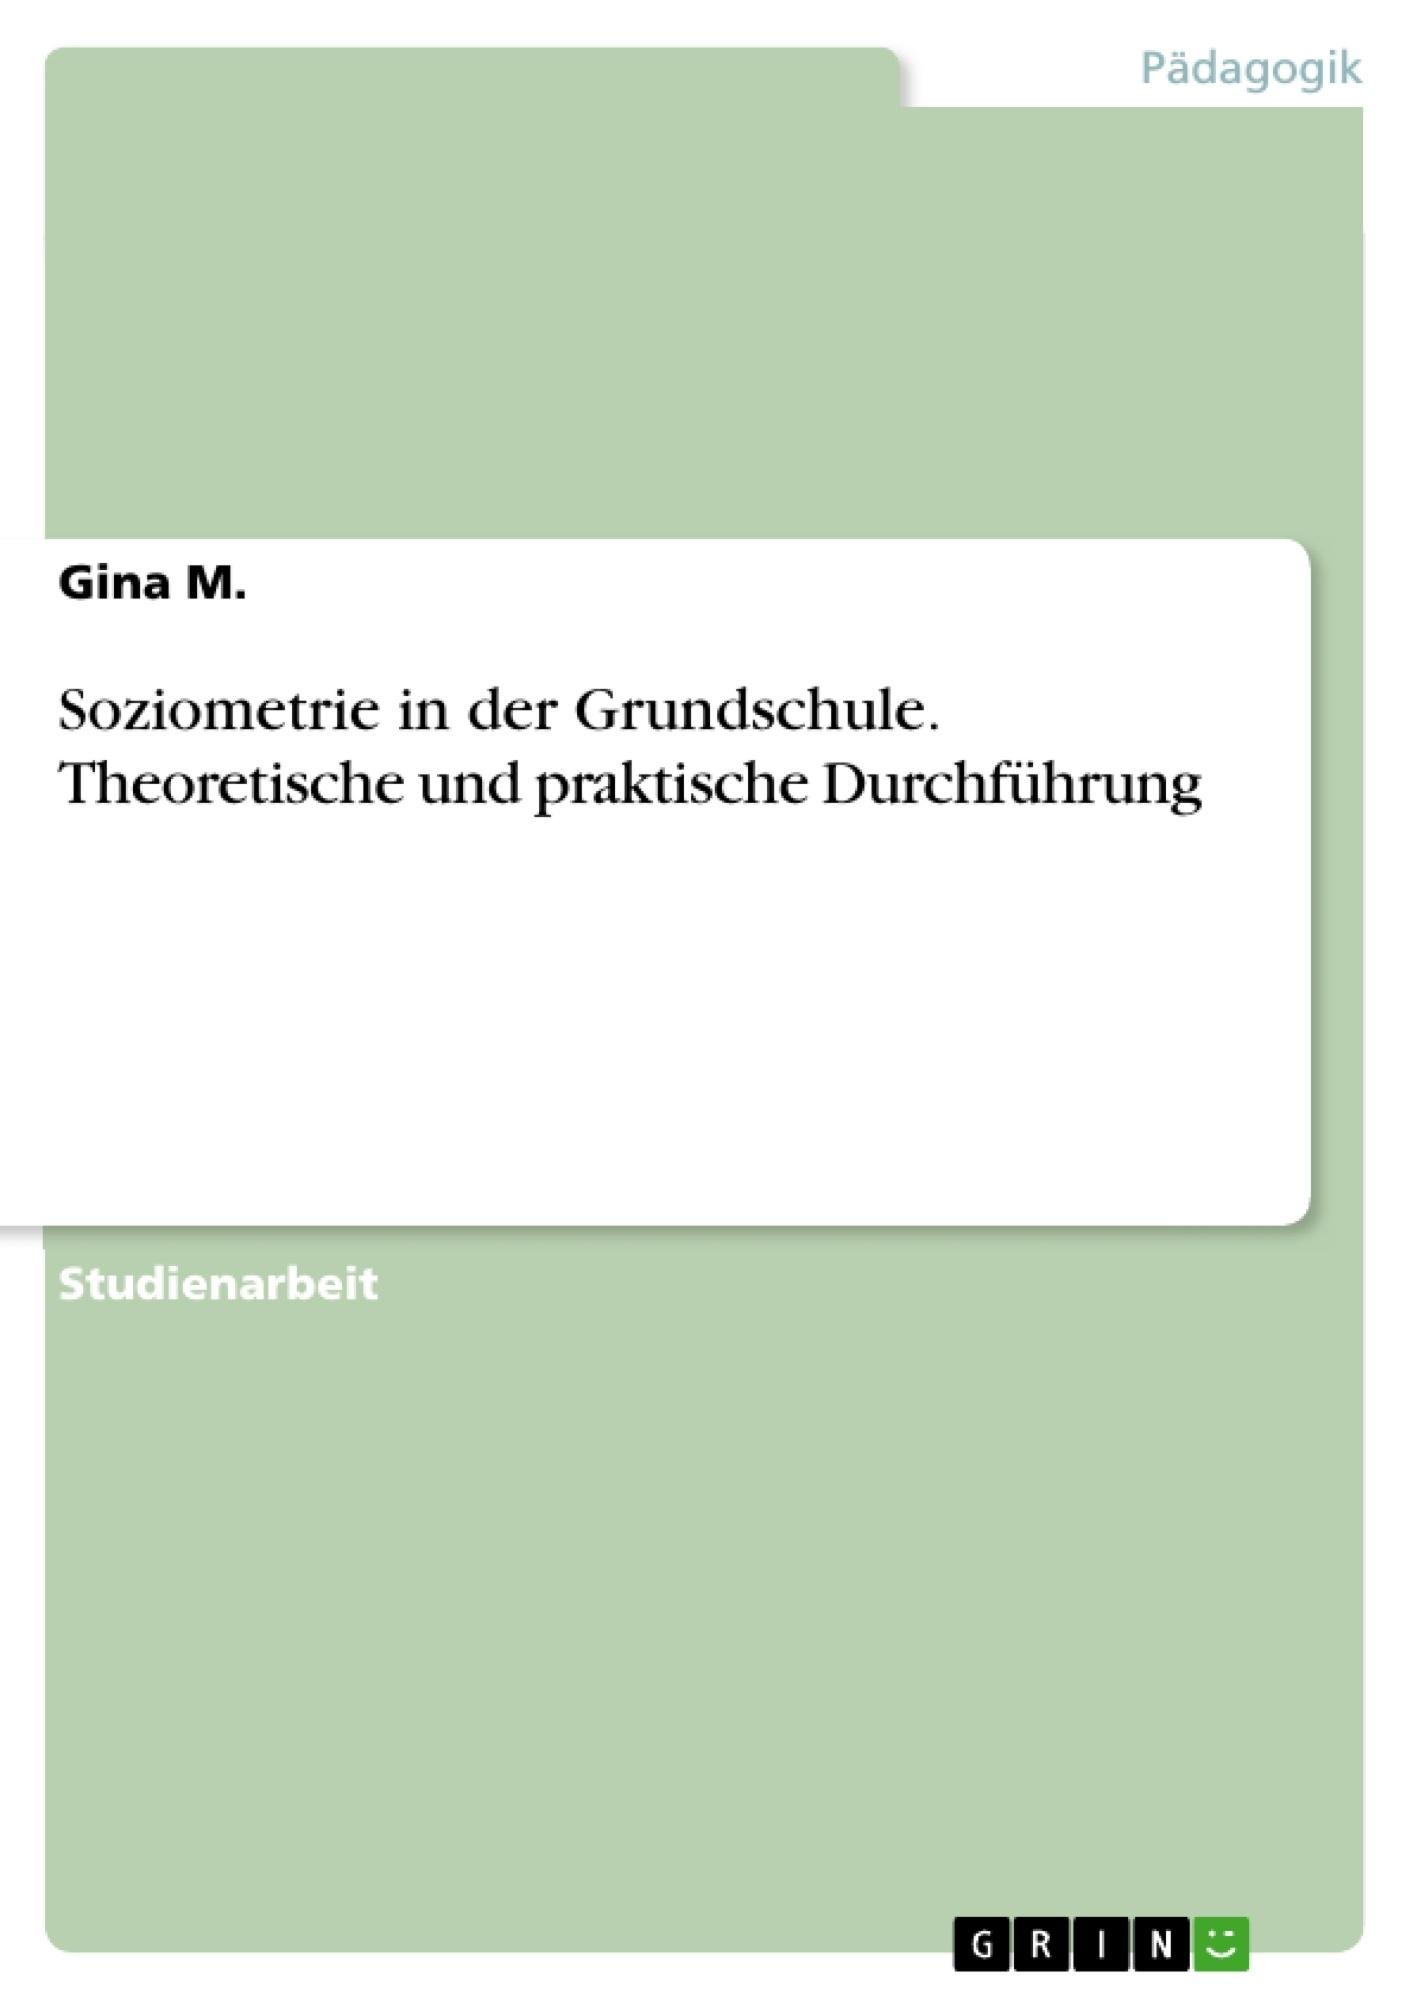 Titel: Soziometrie in der Grundschule. Theoretische und praktische Durchführung